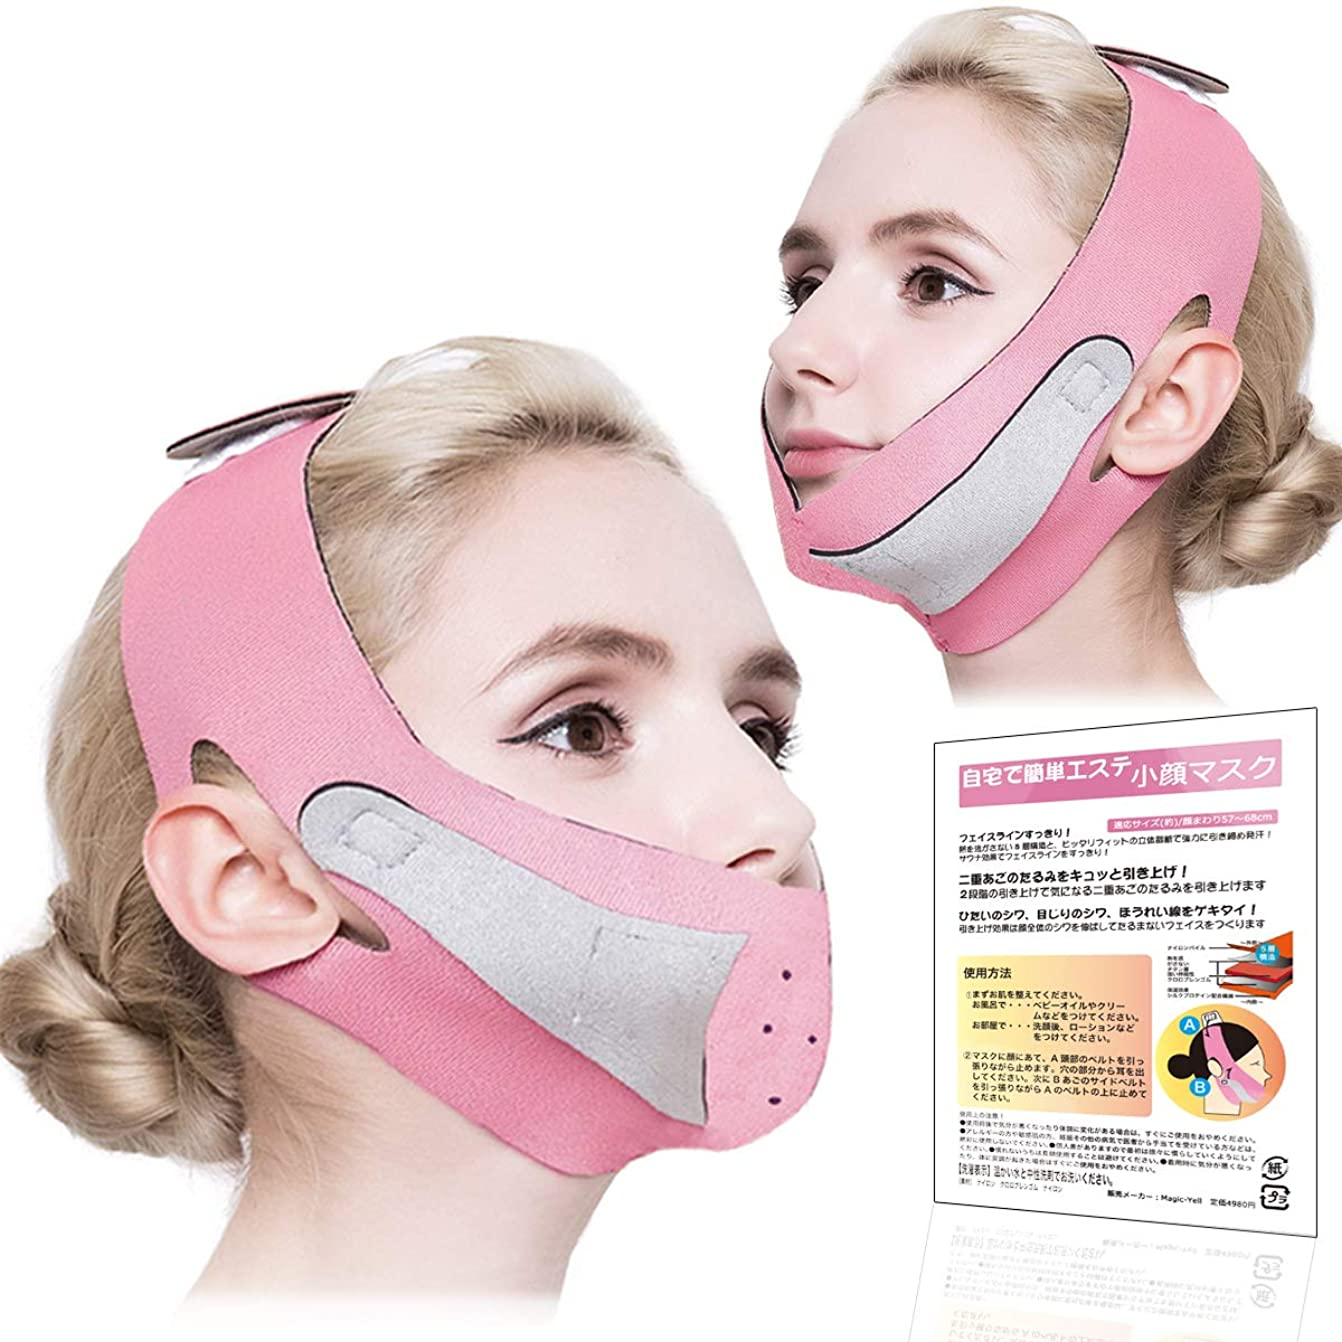 キルス反射有効なMagic-Yell エステ小顔マスク 矯正 美顔 顔痩せ フェイス マスク ベルト コルセット 男女兼用